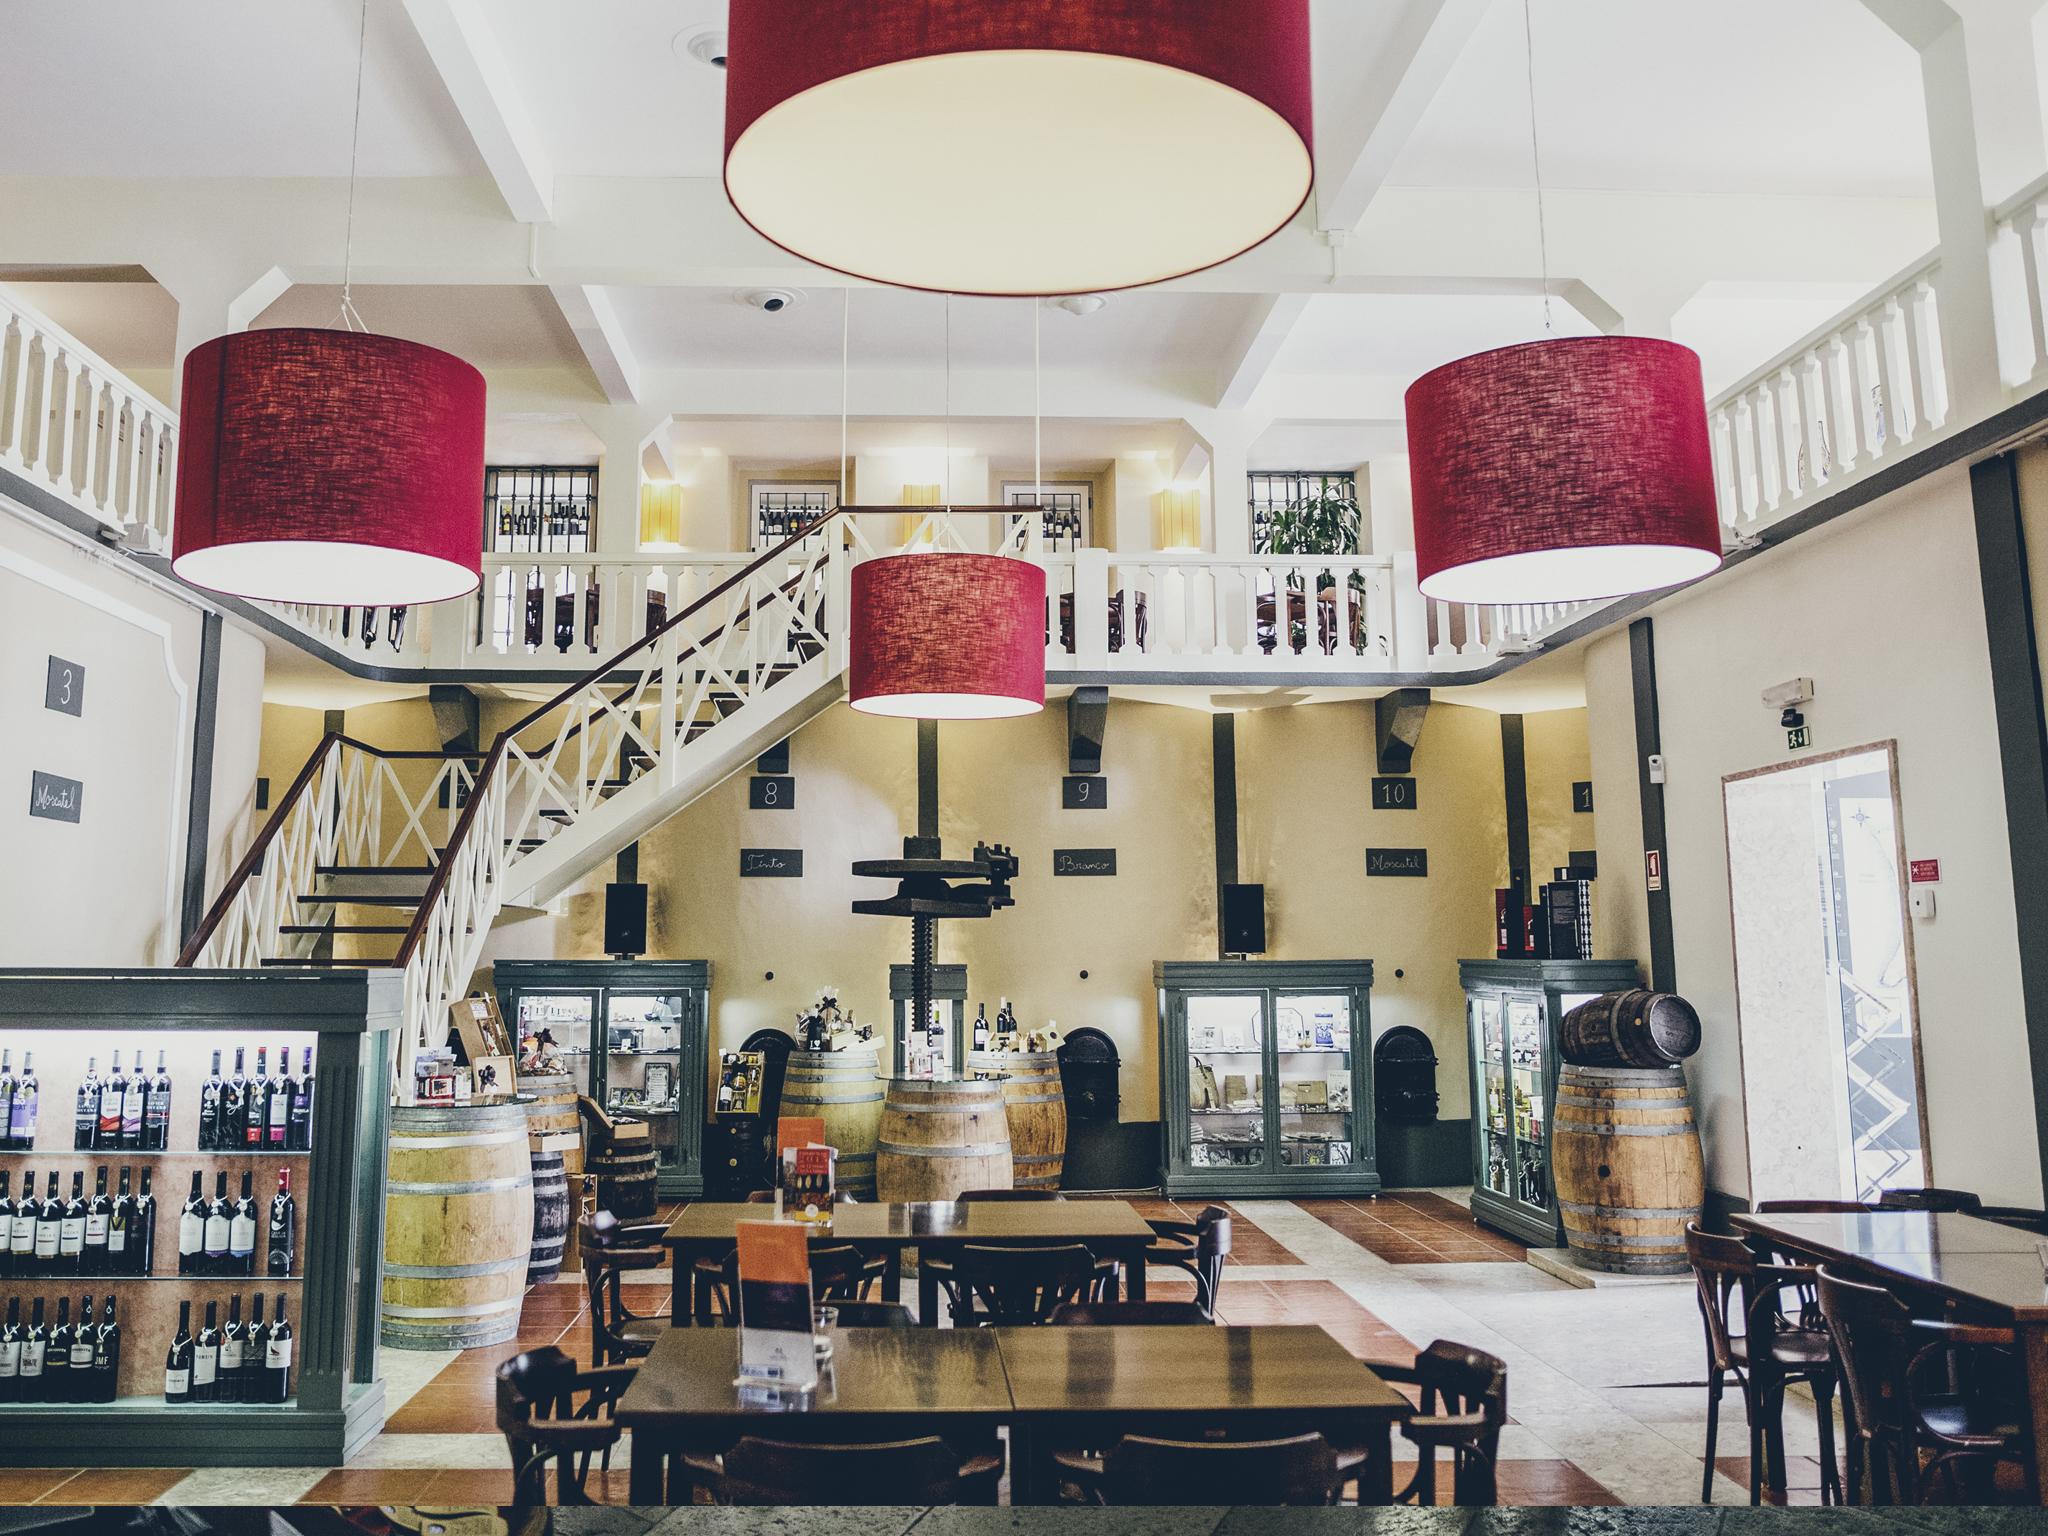 Visite a Casa Mãe da Rota dos Vinhos